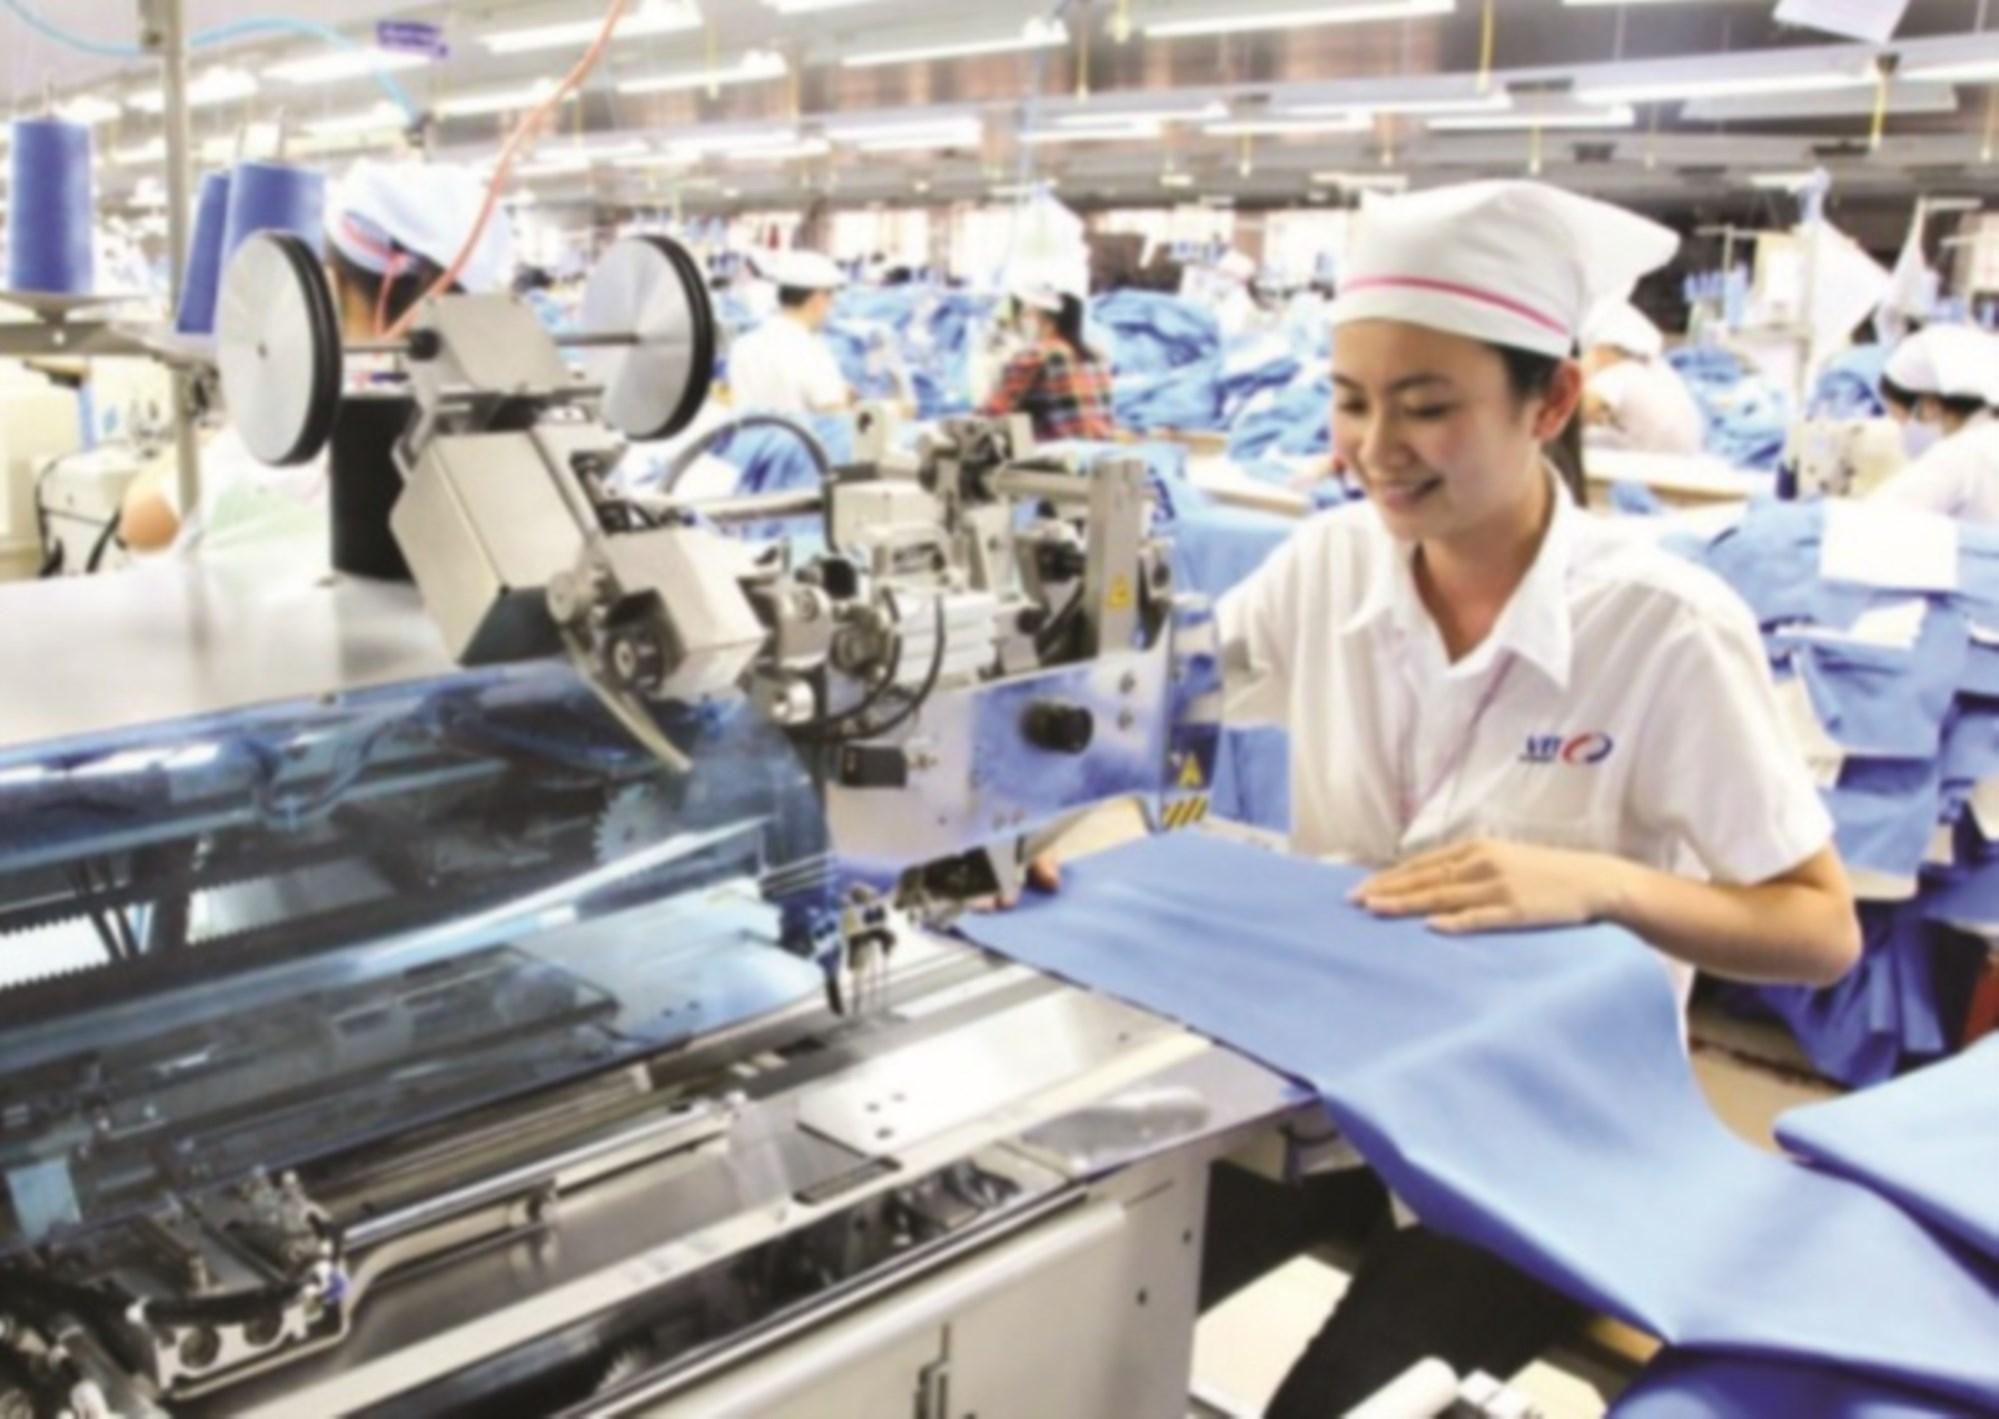 Dệt may là một trong những ngành hàng xuất khẩu thế mạnh của Việt Nam